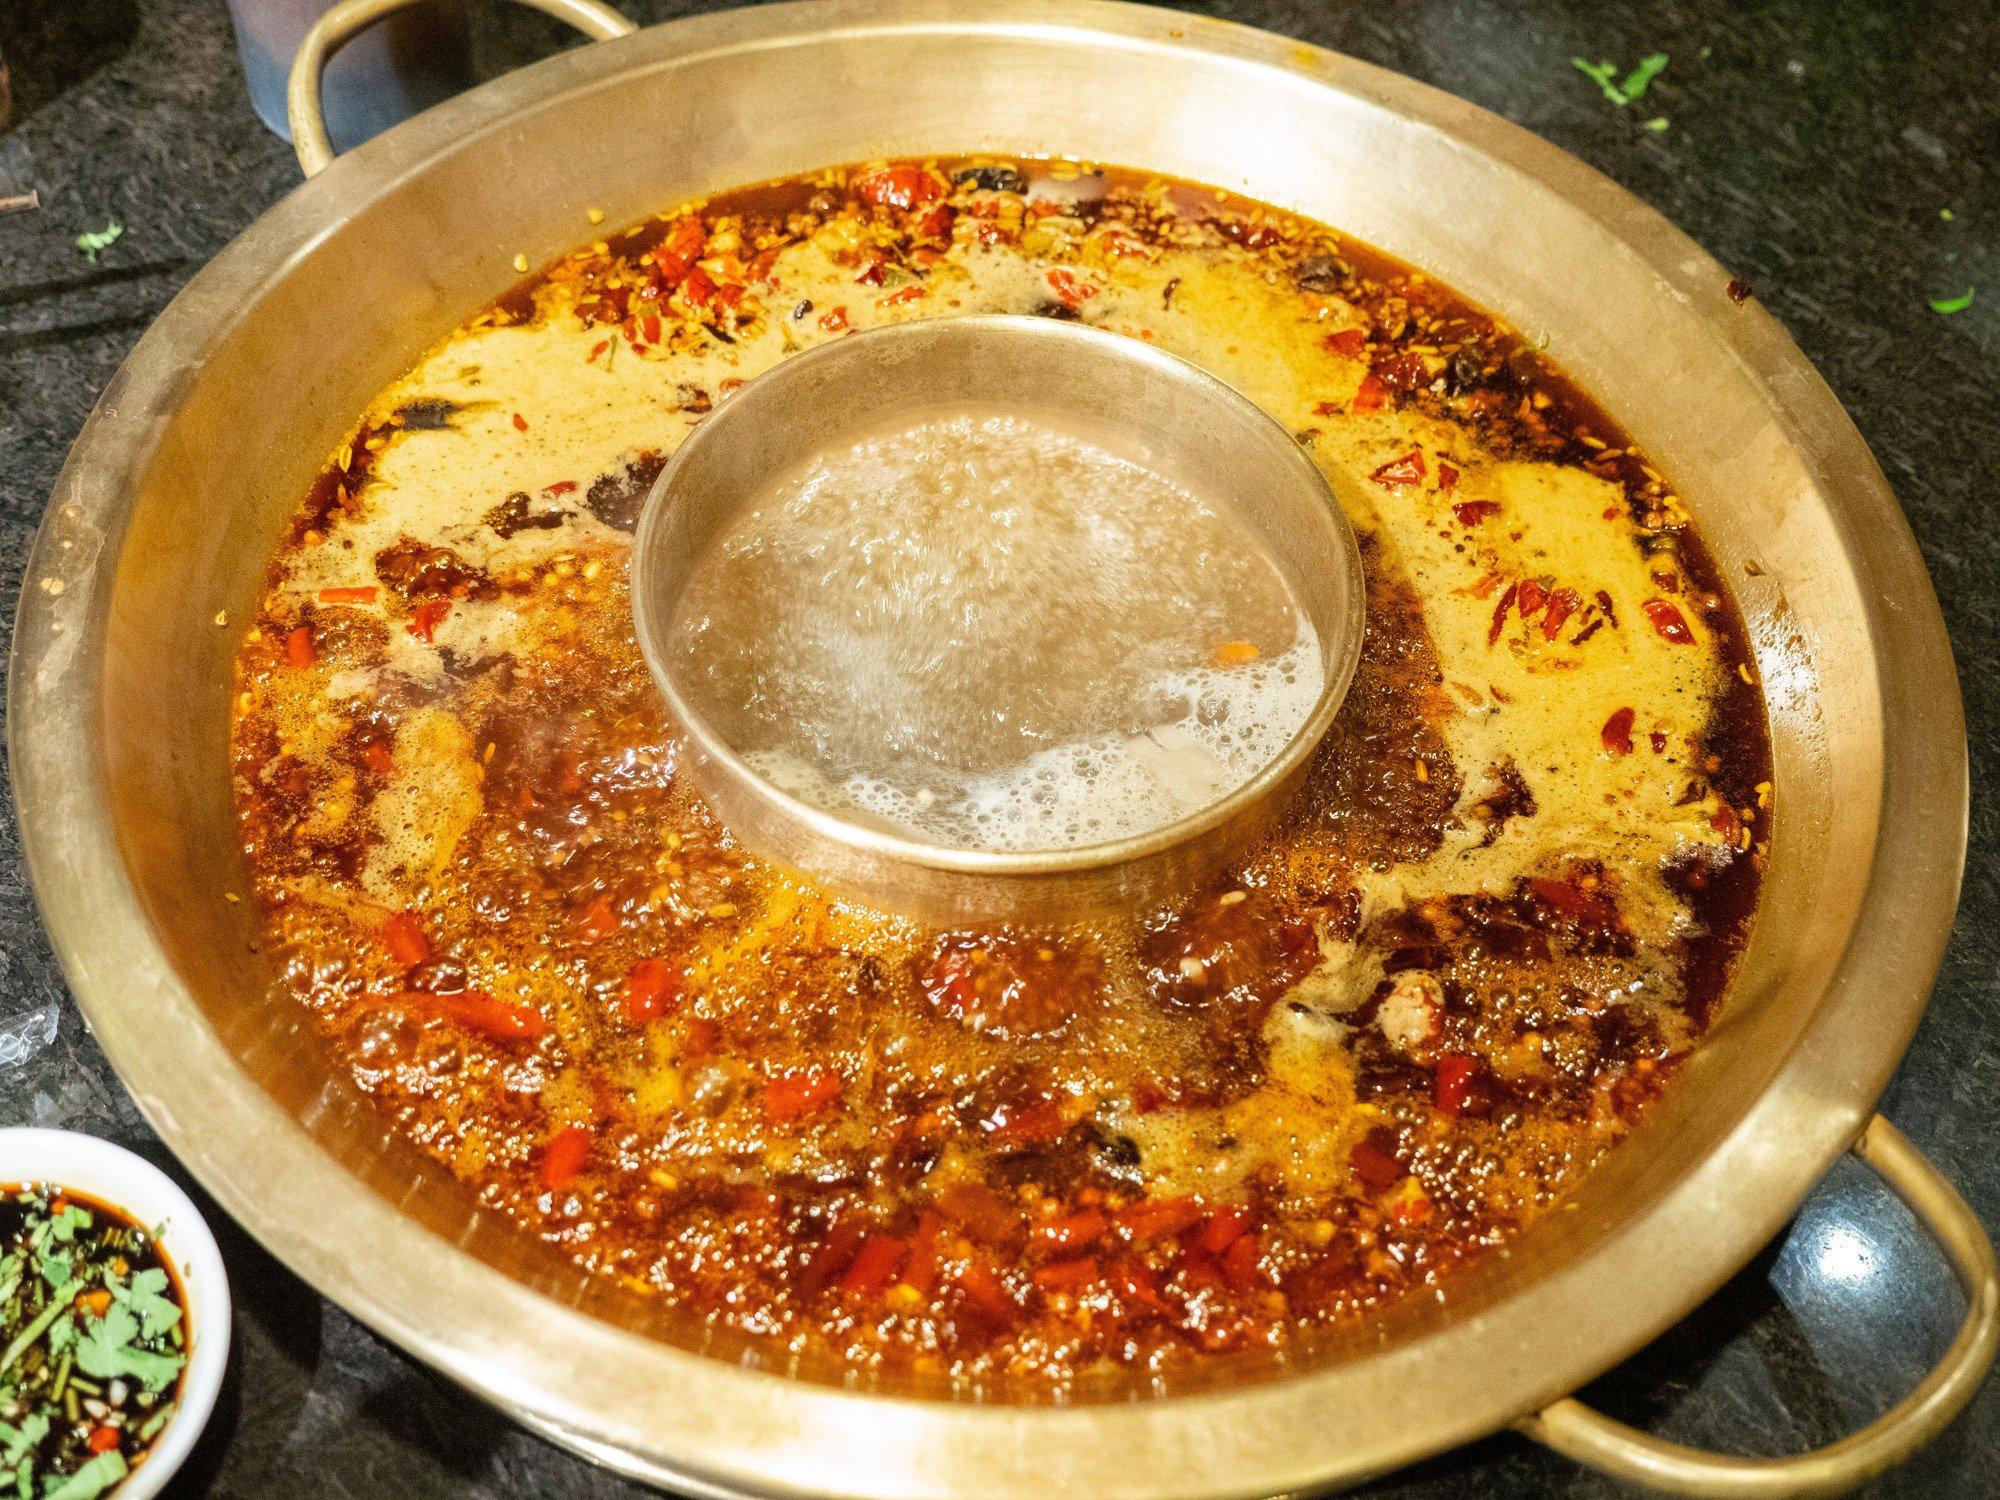 One of the best Szechuan hot pot restaurants in Chengdu